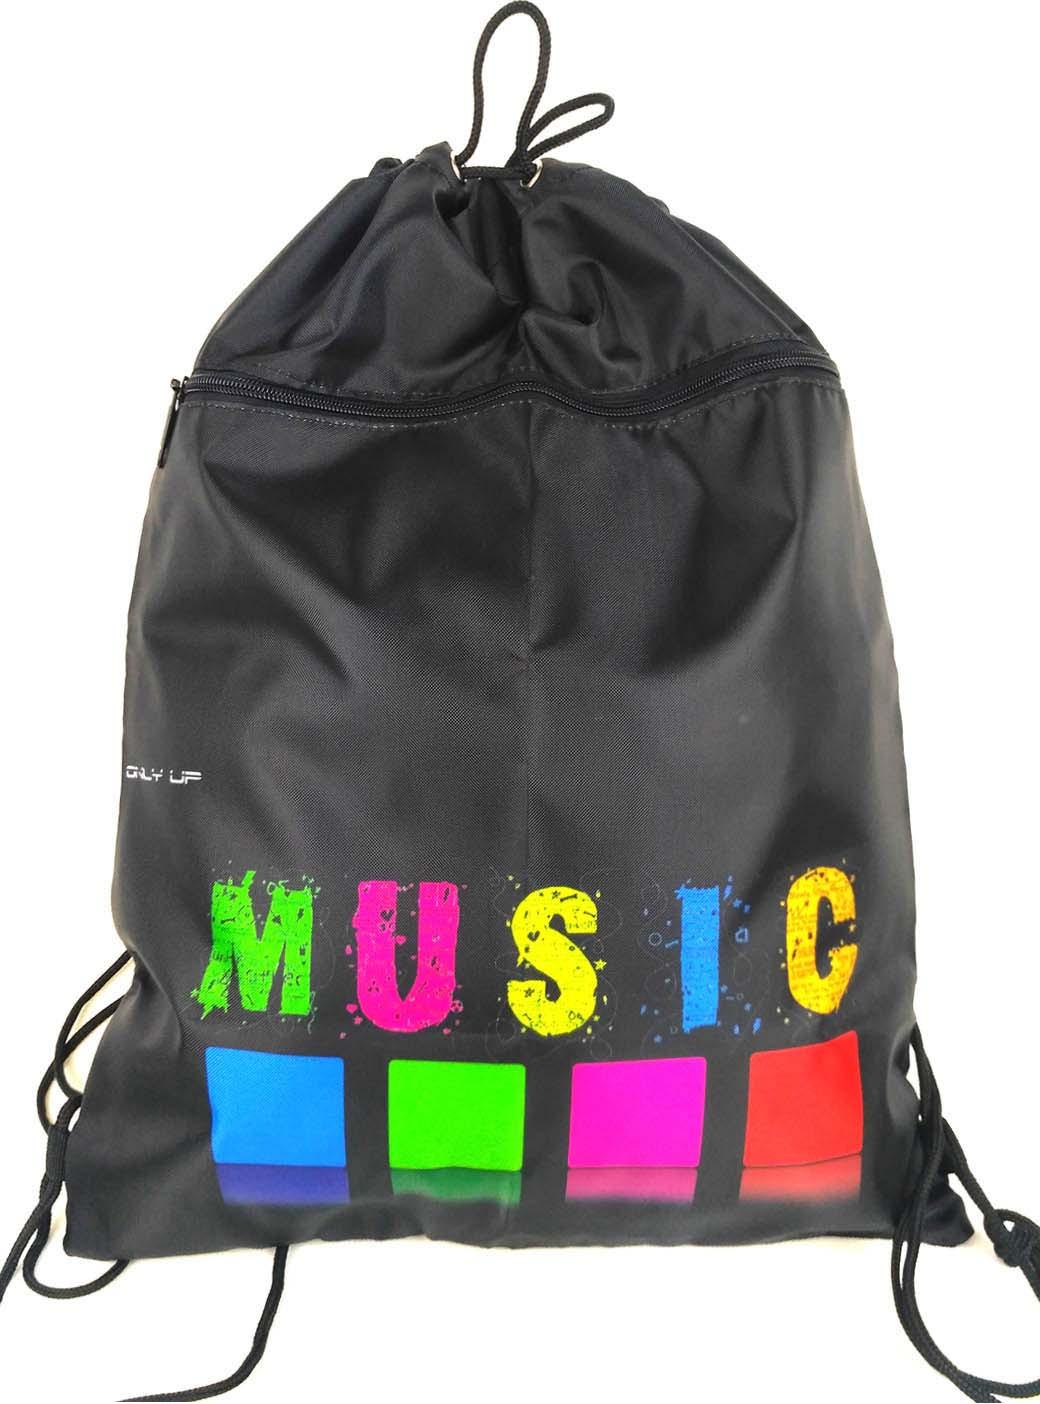 Мешок для обуви UFO People, цвет: черный. 5175-1 мешок для обуви ufo people цвет черный 7414